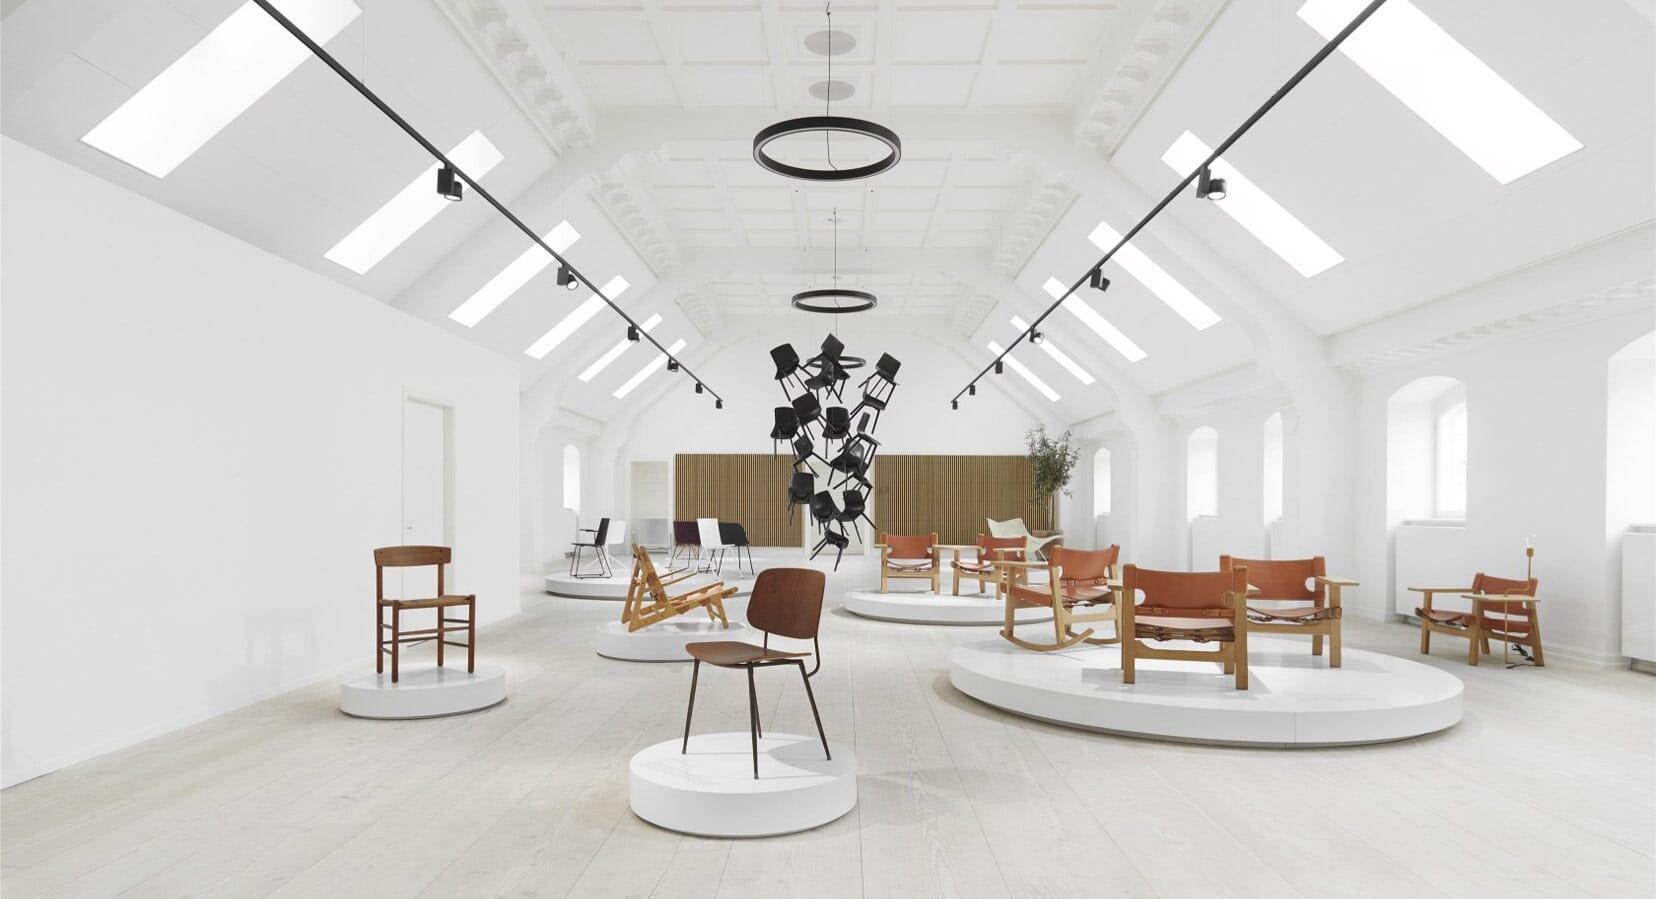 Fredericia Opens Spectacular New Rooftop 'Living Showroom' in Copenhagen